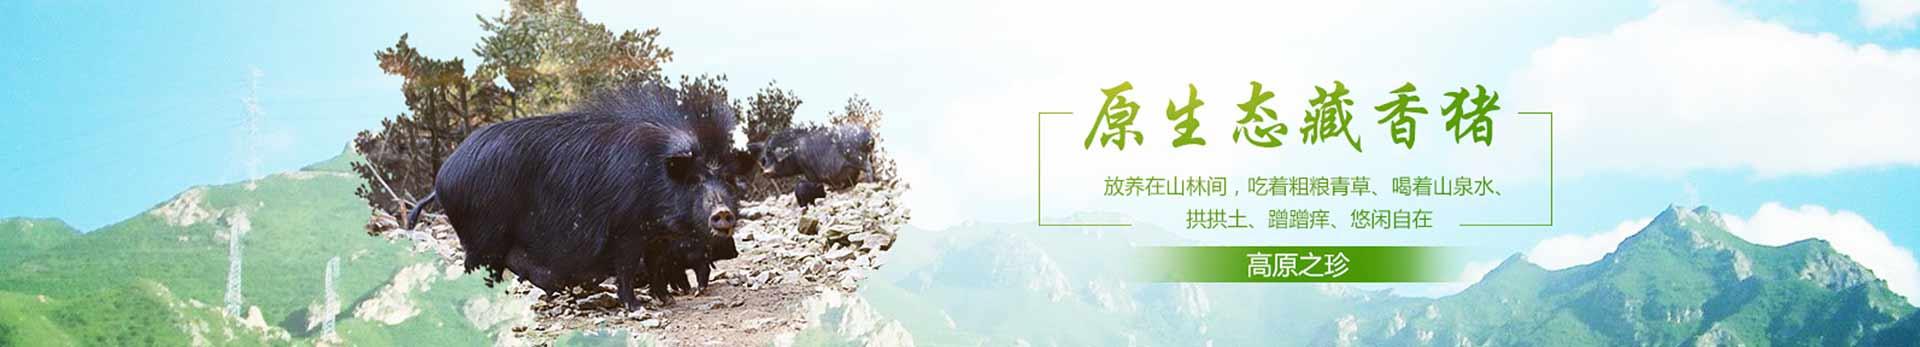 西藏藏香猪爱吃什么菜草